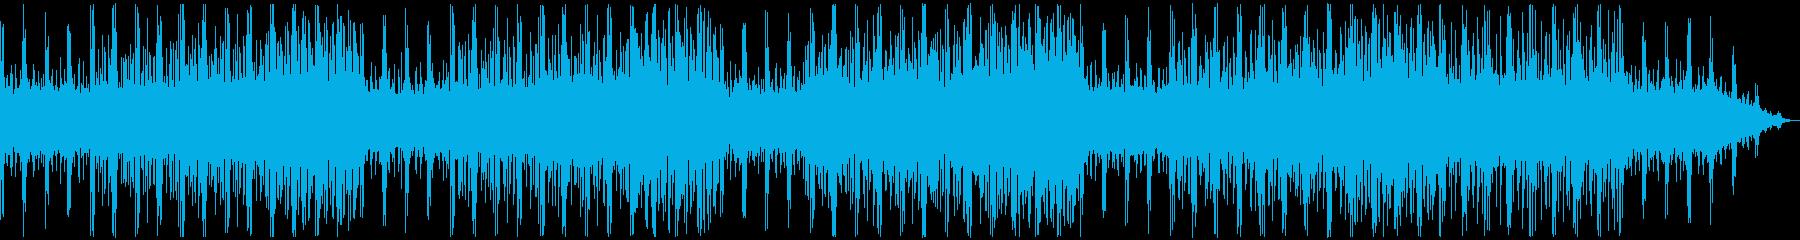 電脳から物理体へダイブ デジタルロック風の再生済みの波形